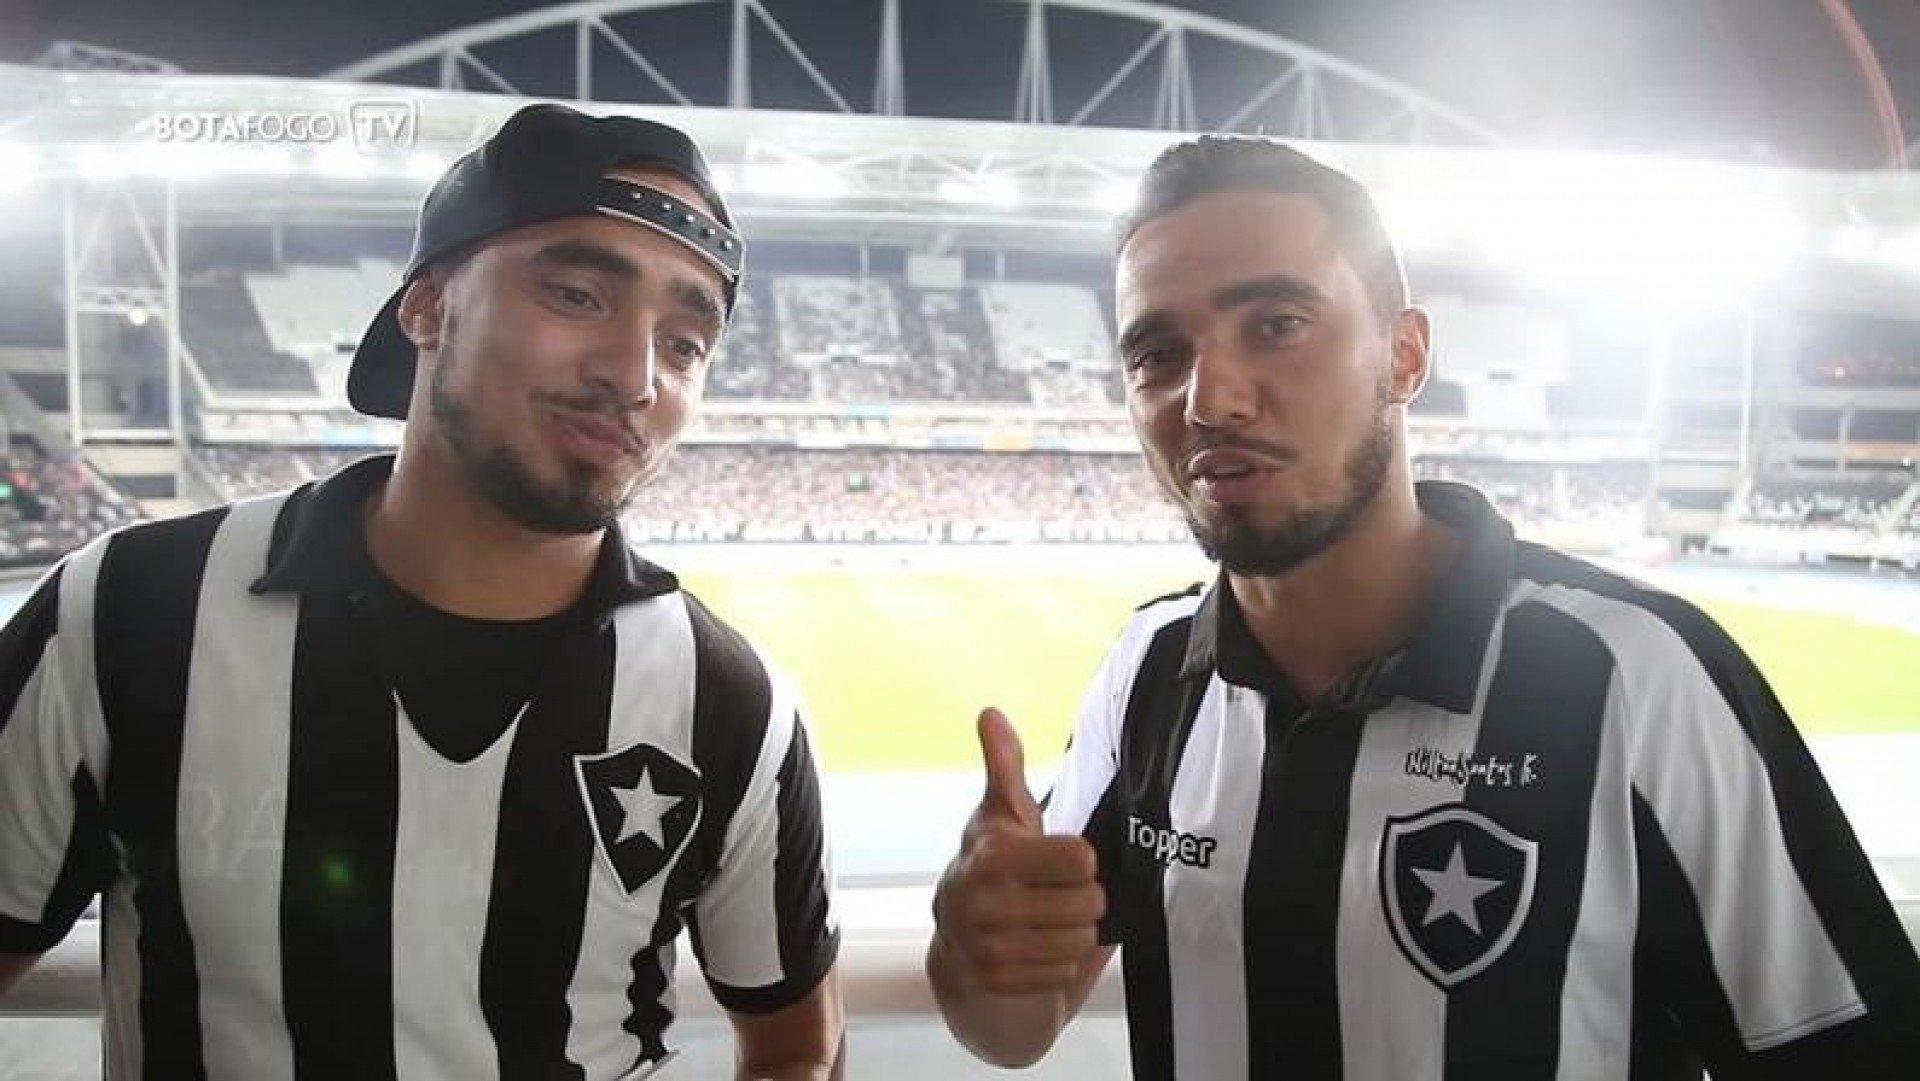 Irmão gêmeo de Rafael, Fábio deseja sorte no Botafogo e destaca: 'Espero realizar também esse sonho'